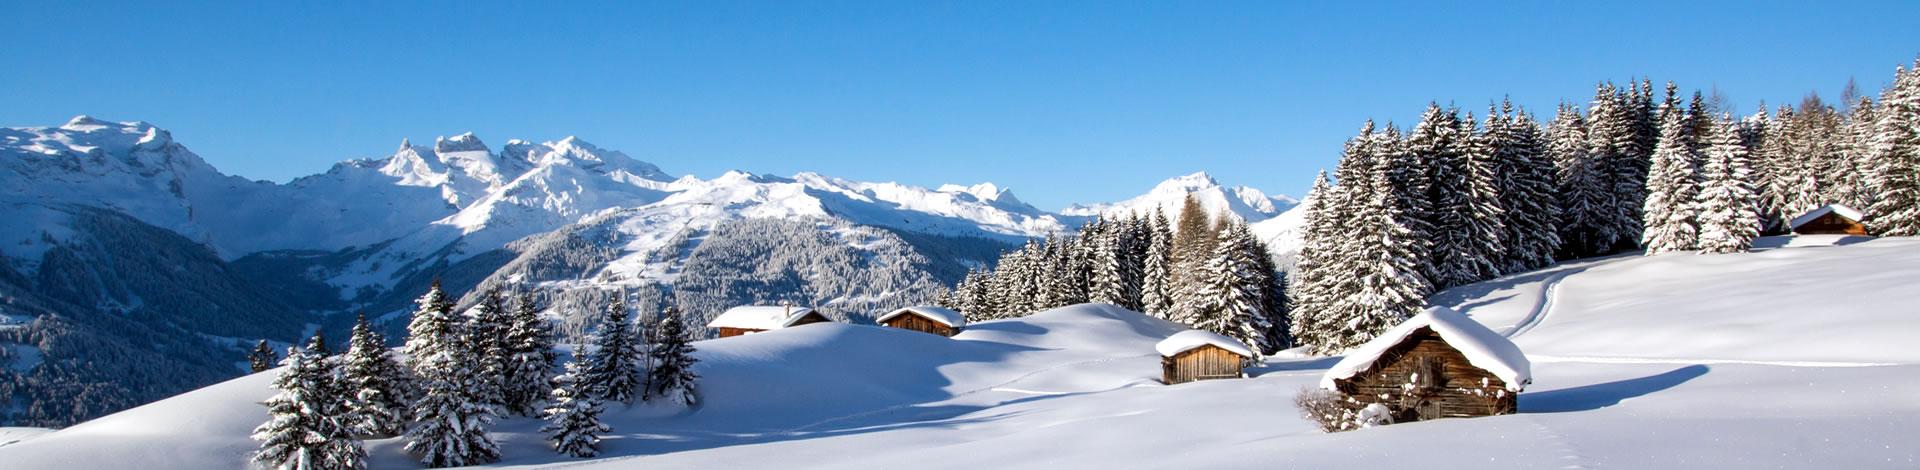 Tips en informatie voor een veilige wintervakantie.